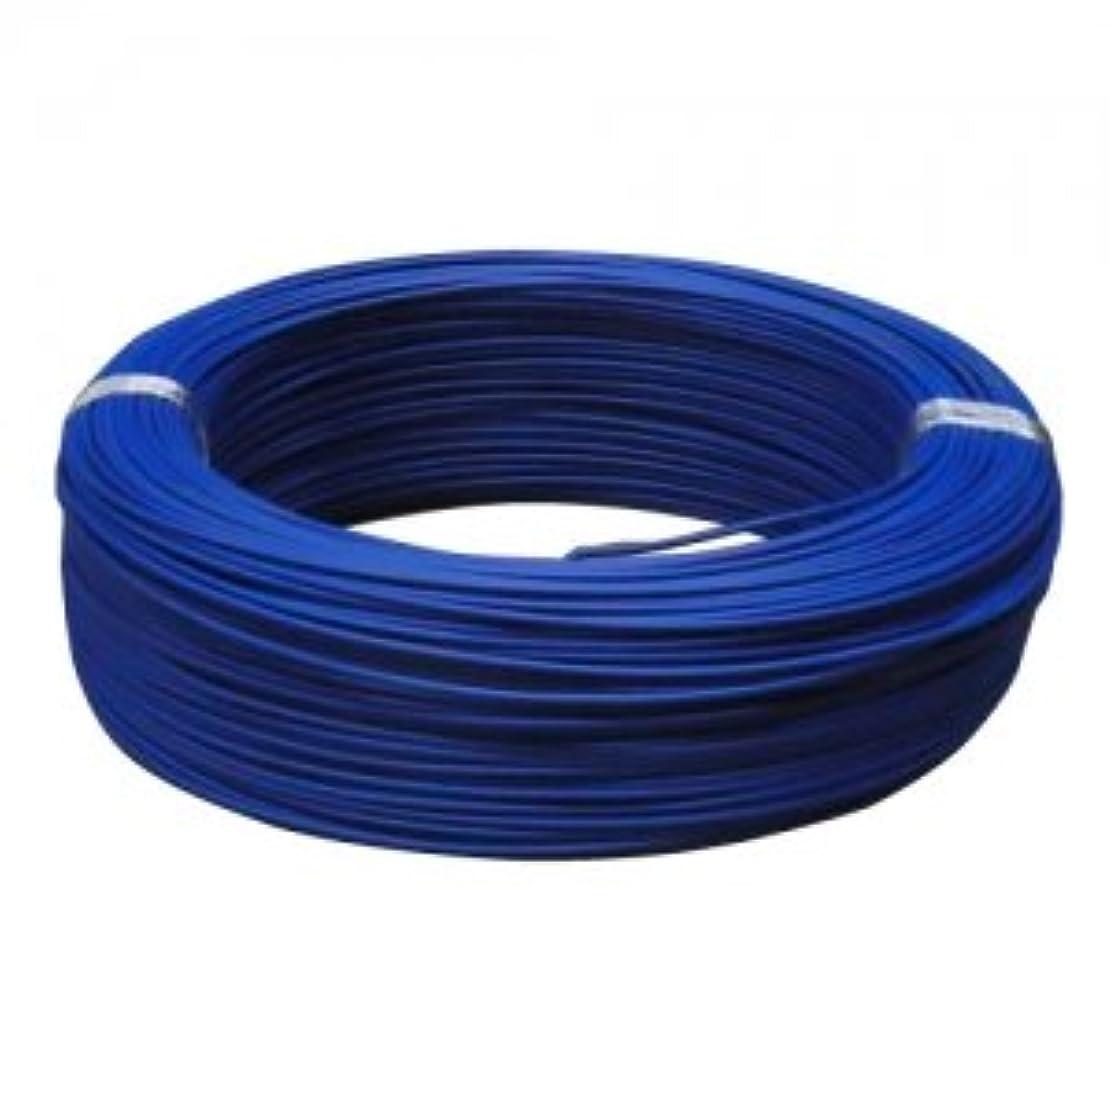 折るリマーク畝間住電日立ケーブル 600V 2種ビニル絶縁電線 単線 2.0mm 300m巻 青 HIV2.0×300mアオ